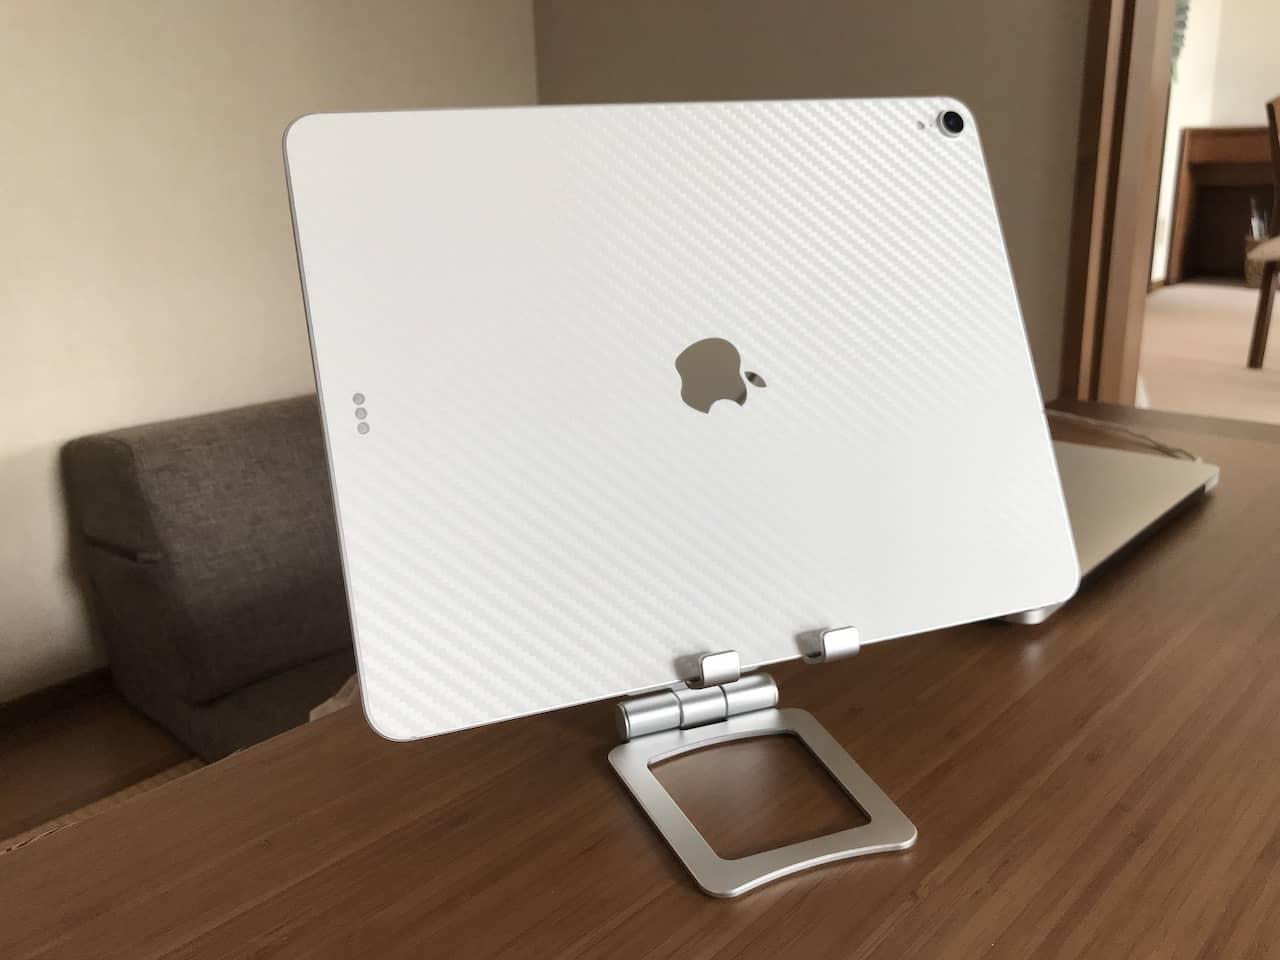 iPad Pro 12.9インチがシルバーのタブレットスタンドの上に横置きされています。